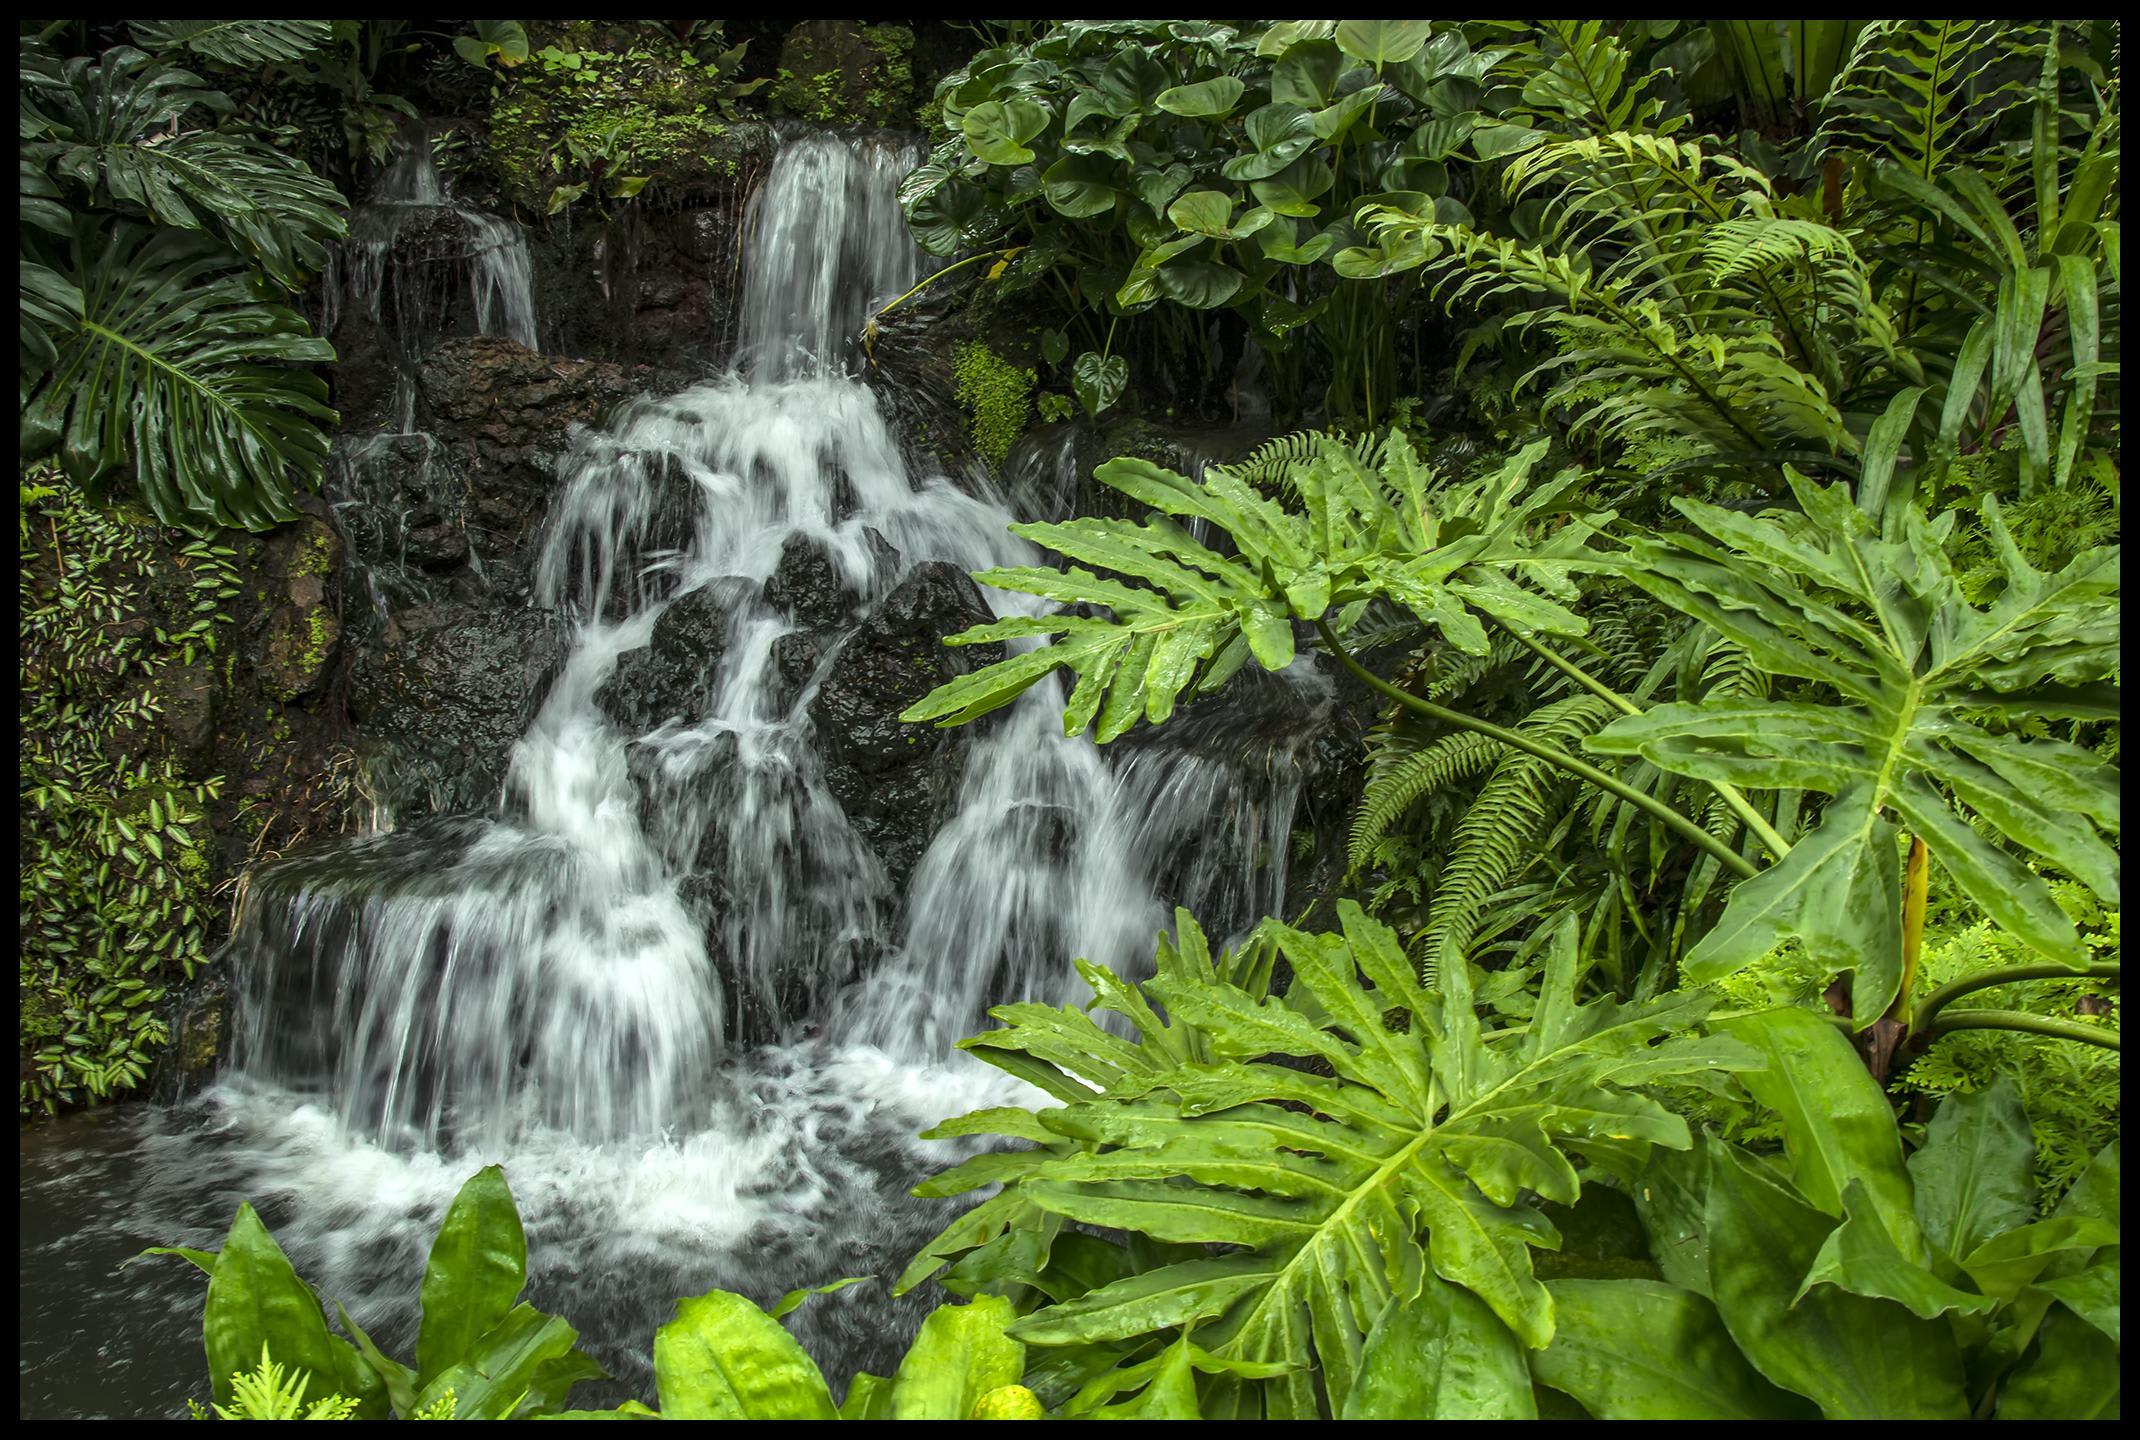 vườn bách thảo singapore là một trong những điểm đến ở singapore cho hội độc thân